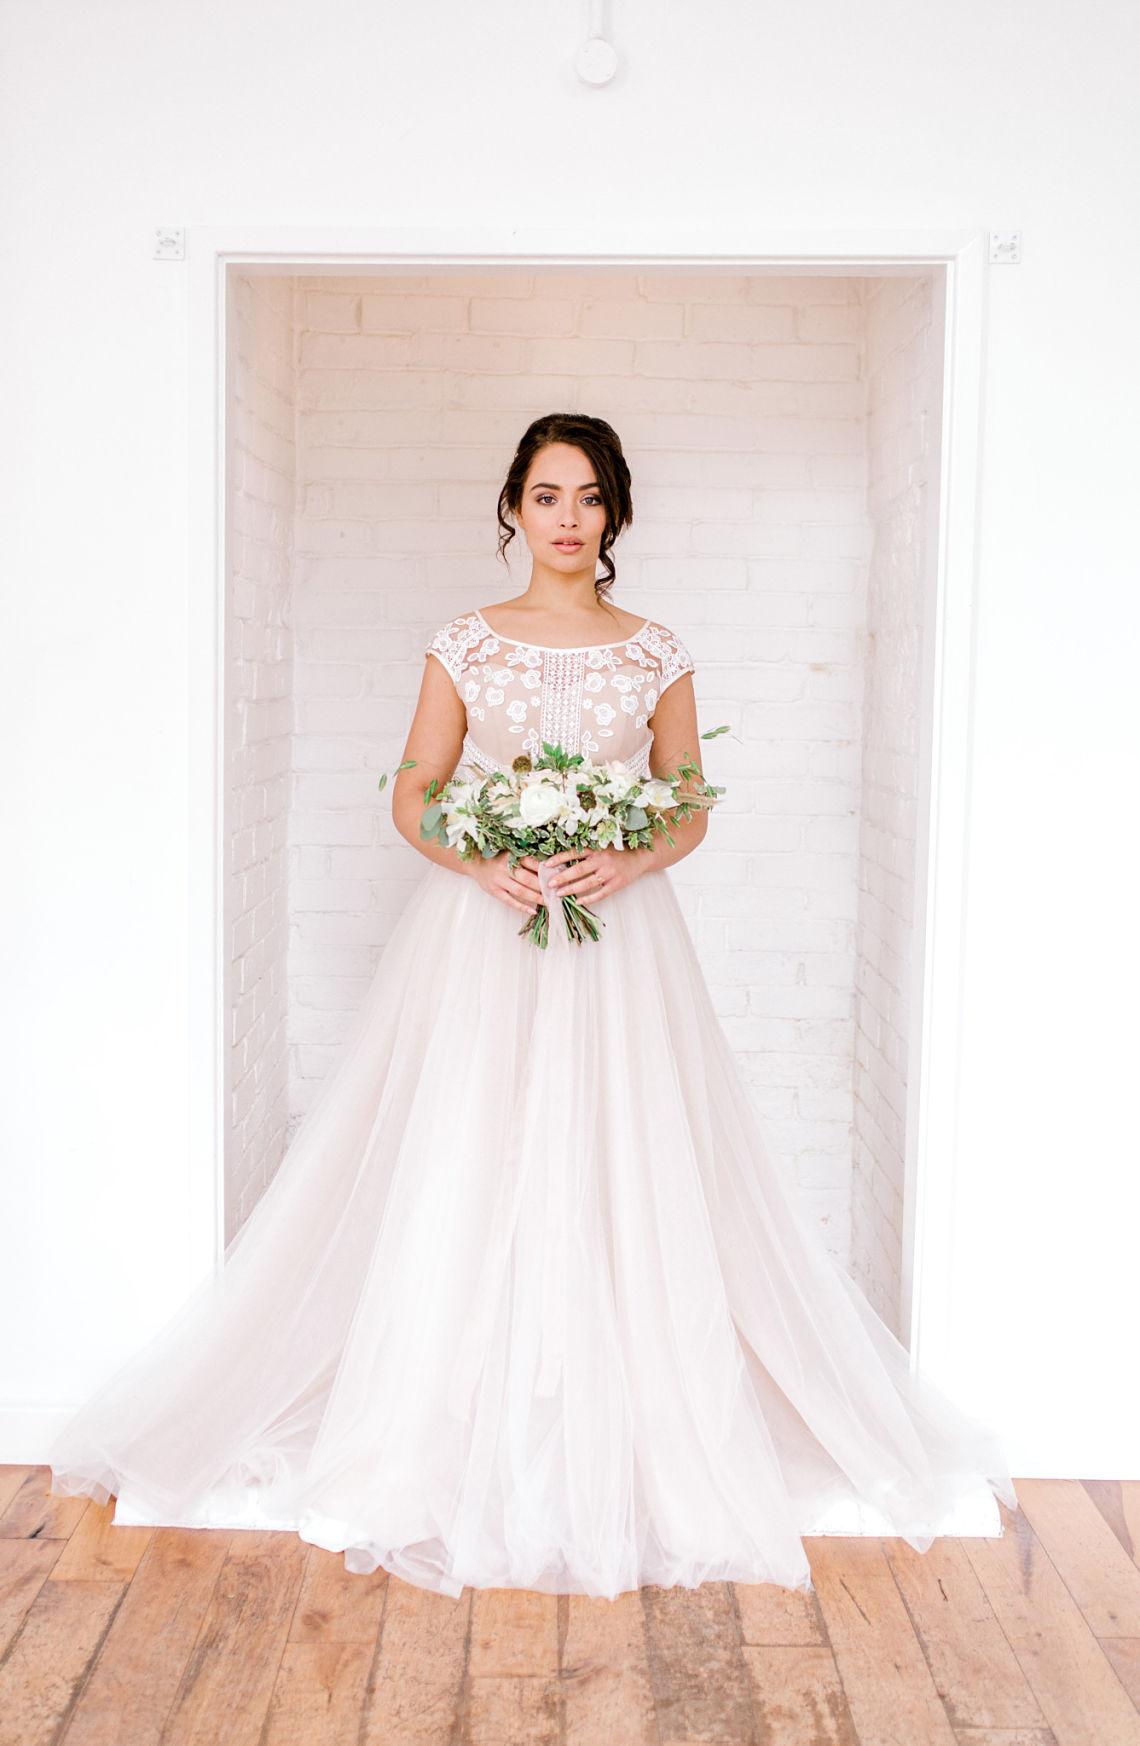 Bride-bouquet-Old-Parish-Rooms-Essex-wedding-planner